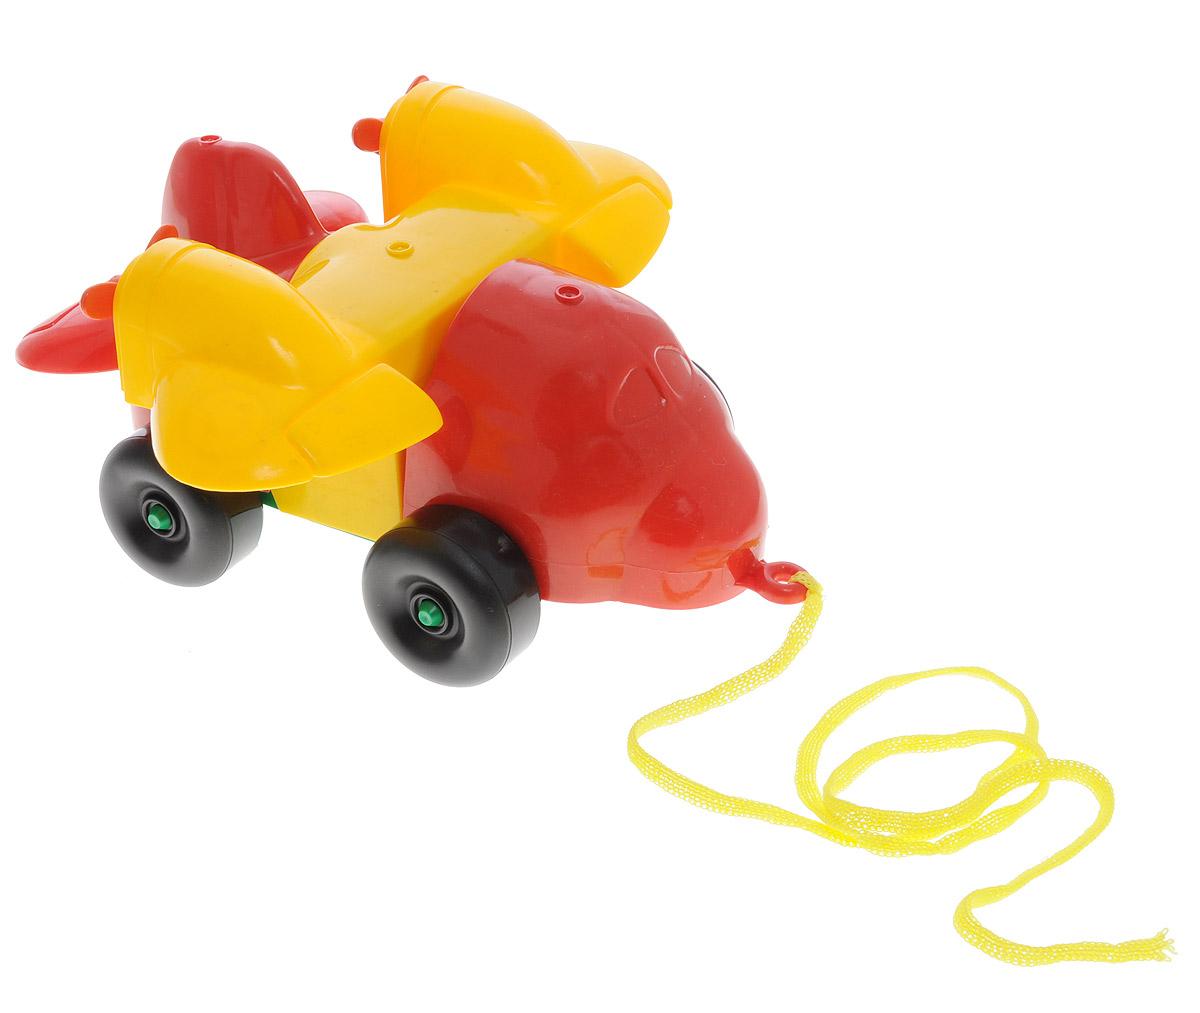 Bauer Каталка-конструктор Самолет цвет красный желтый bauer toys игрушка каталка самолет